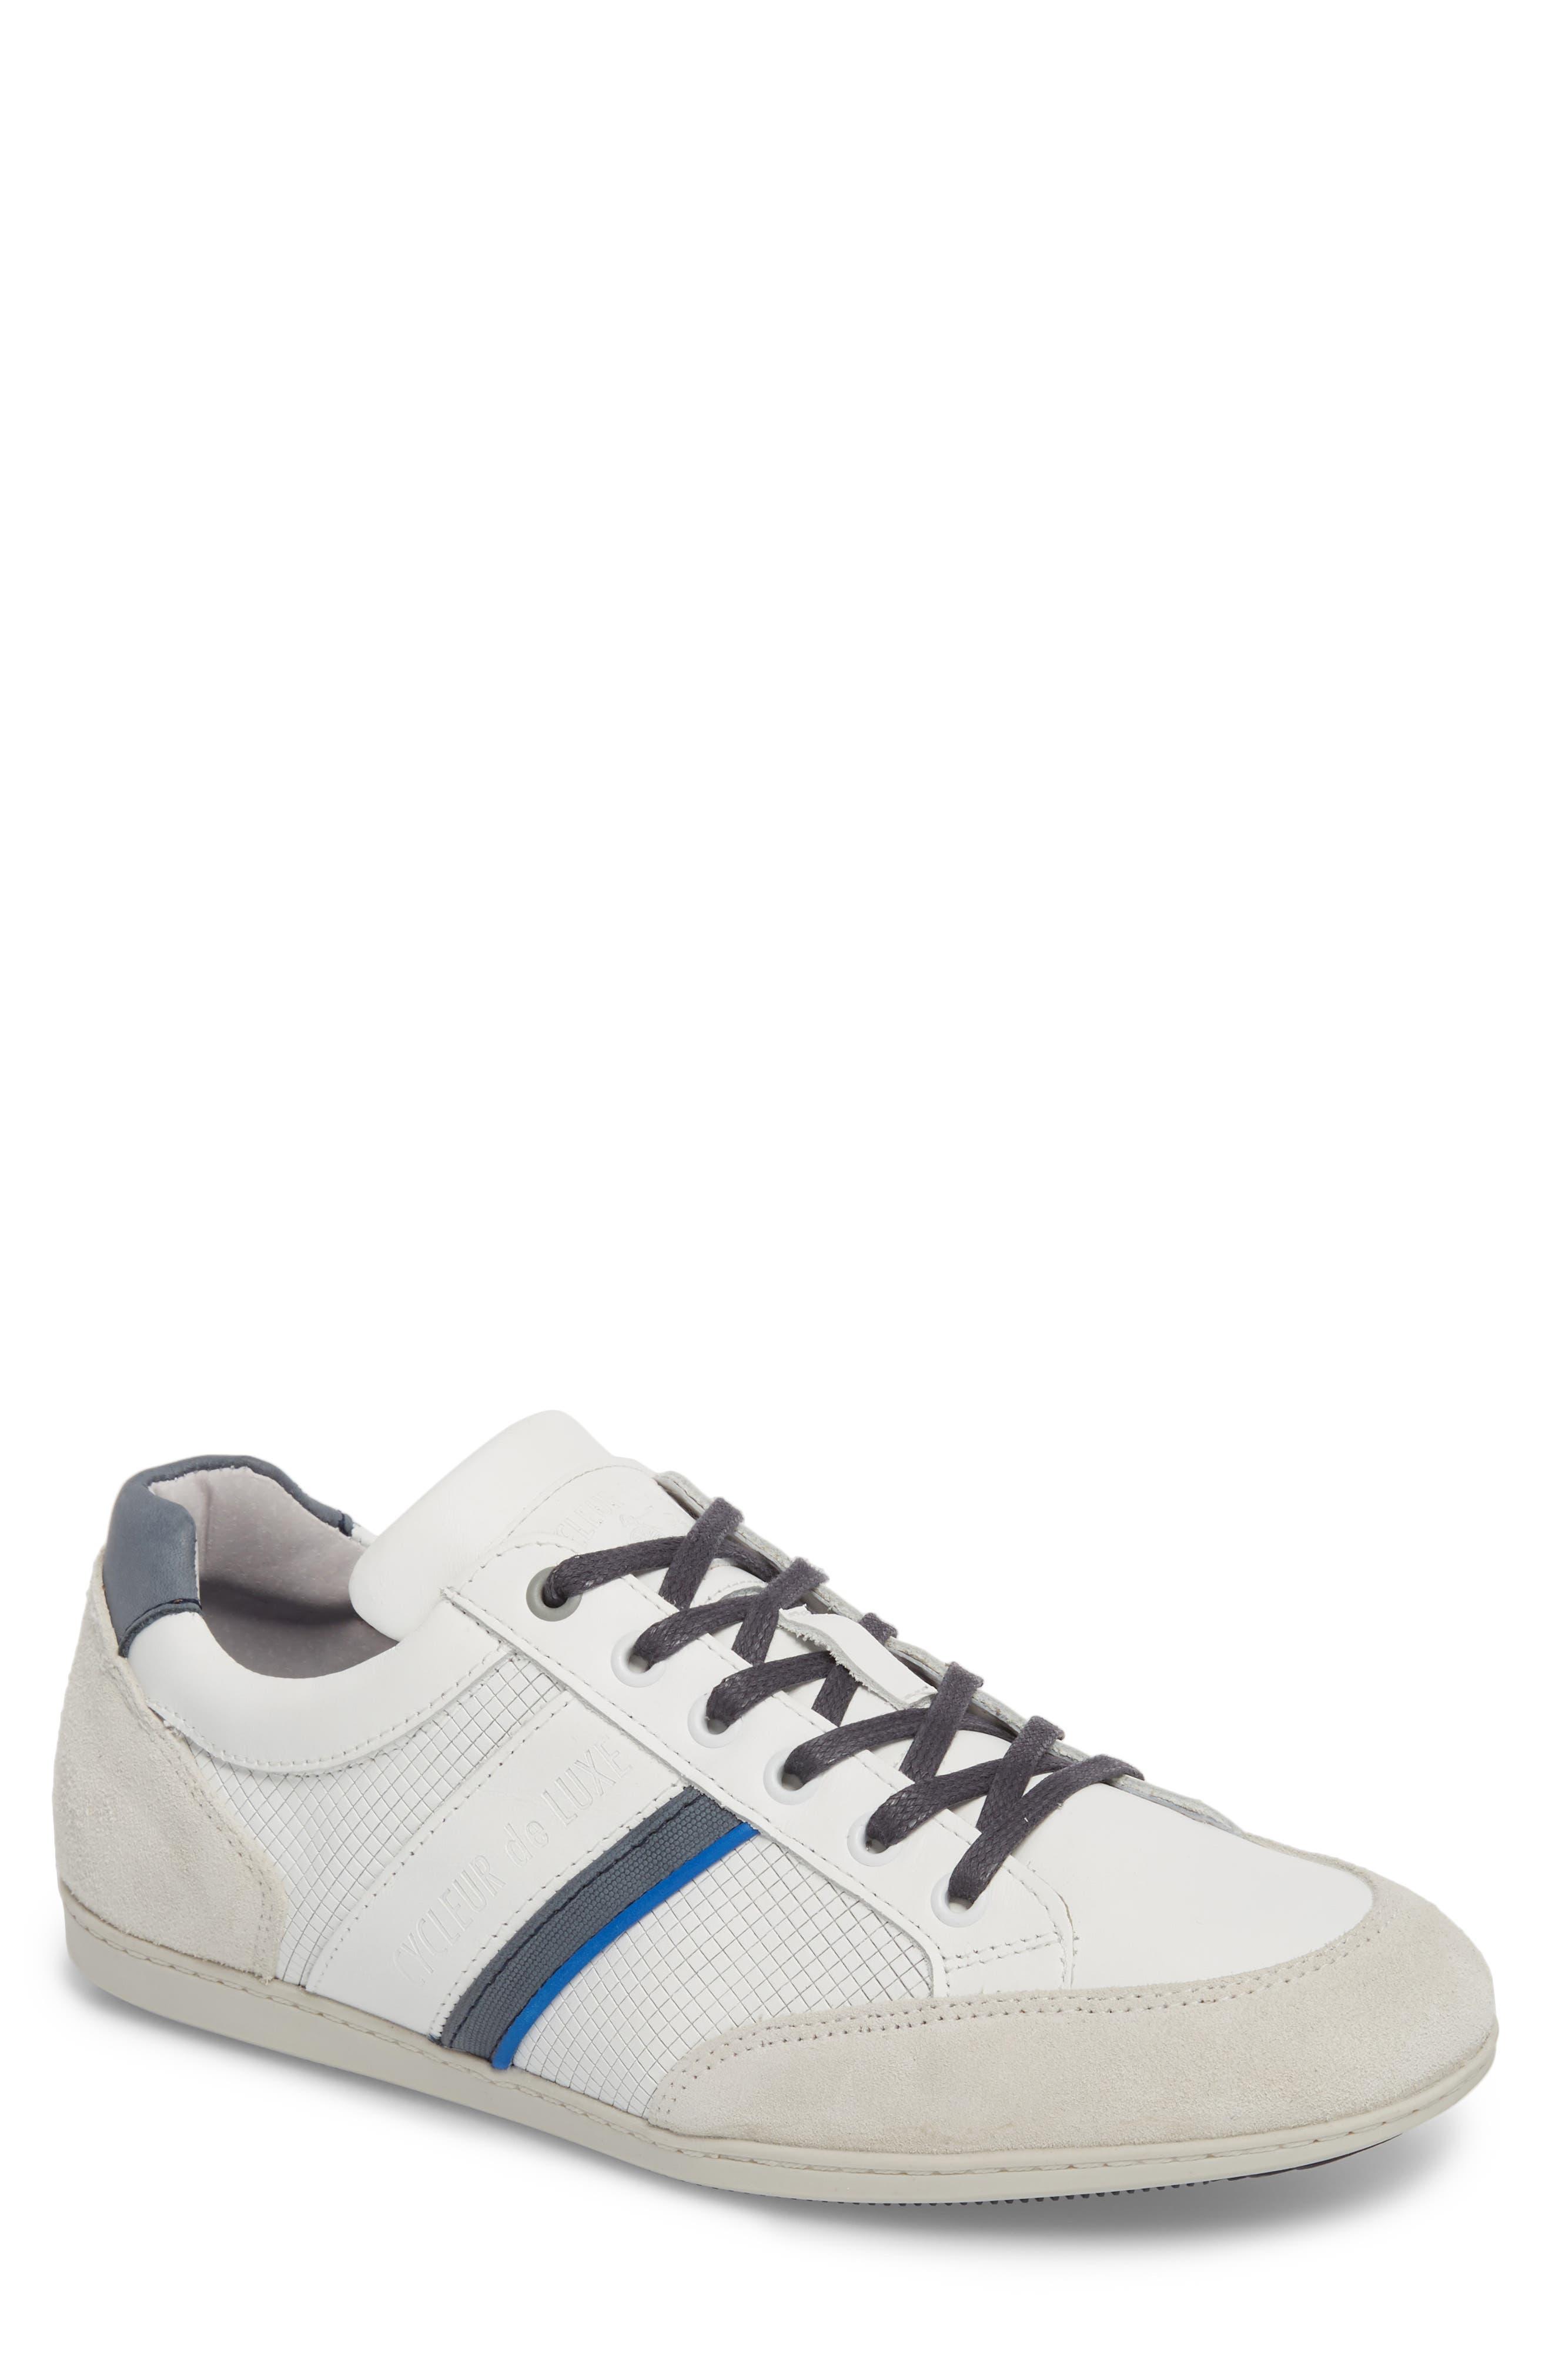 Bahamas Low Top Sneaker,                         Main,                         color, 100